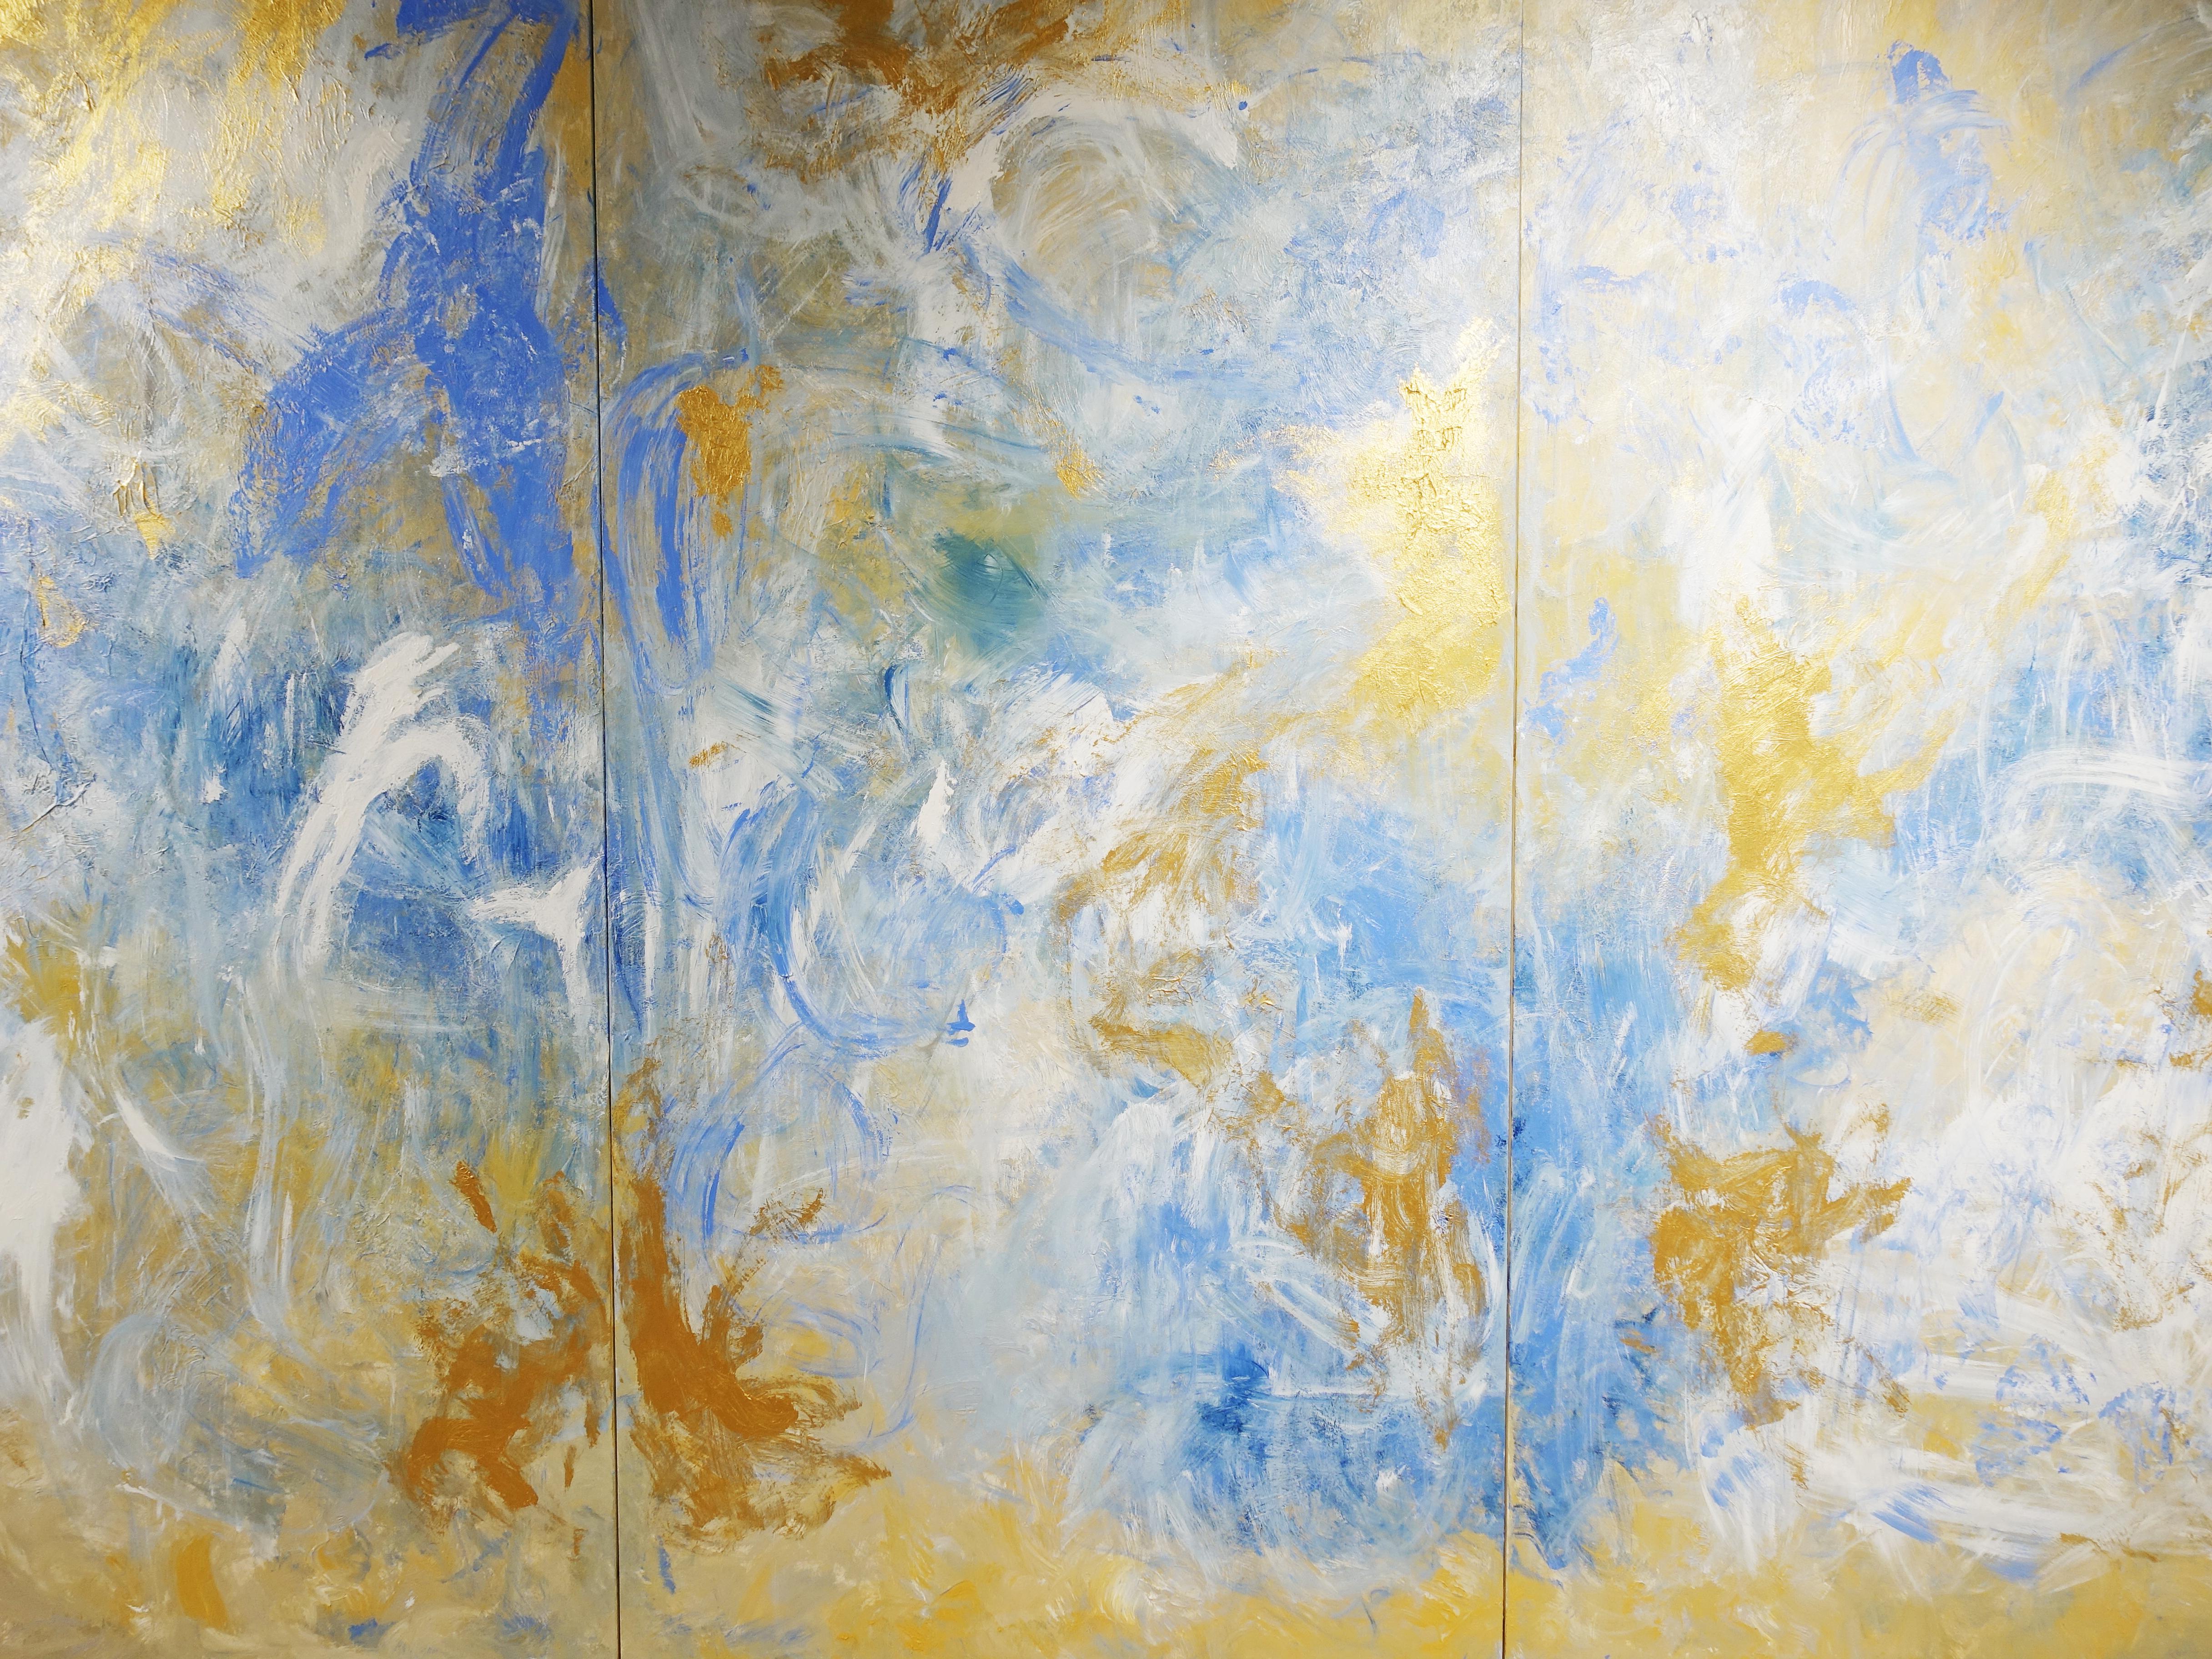 謝宛儒,《Golden Harmony》細節,200 x 300 cm,壓克力、畫布,2019。